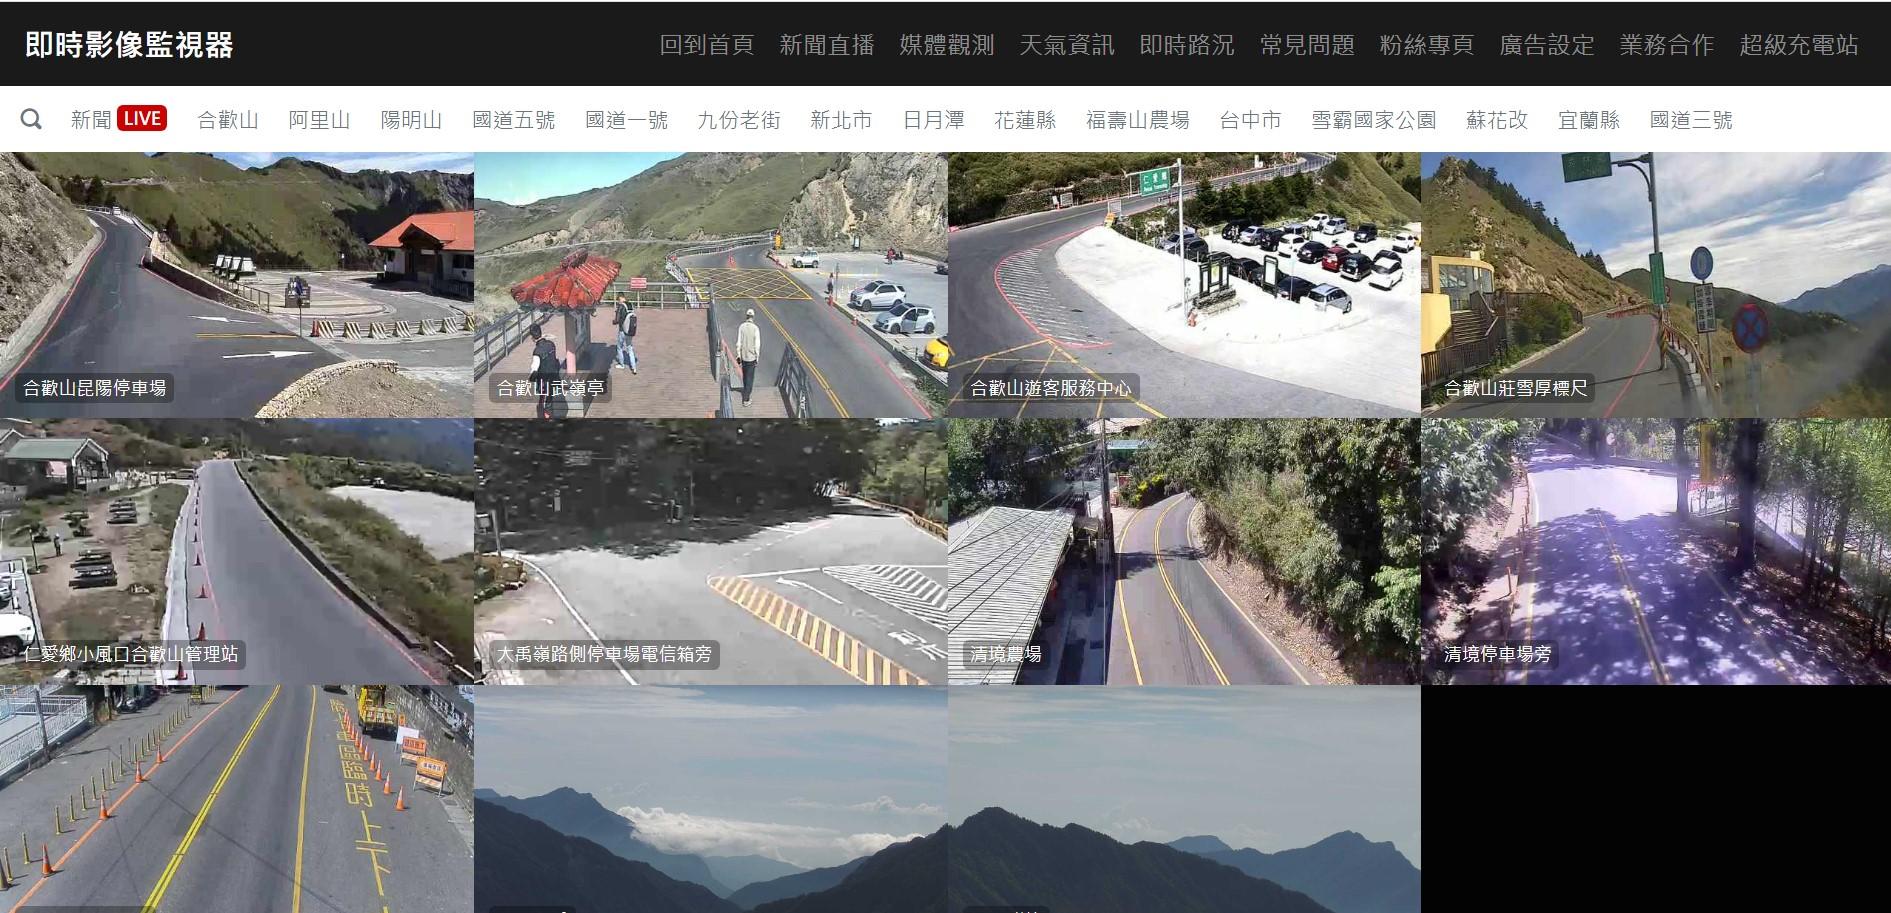 全台即時影像 | 收錄全台灣即時影像網站,讓你出門前先知道人潮、路況、天氣 (包含路況即時影像、旅遊景點即時影像)